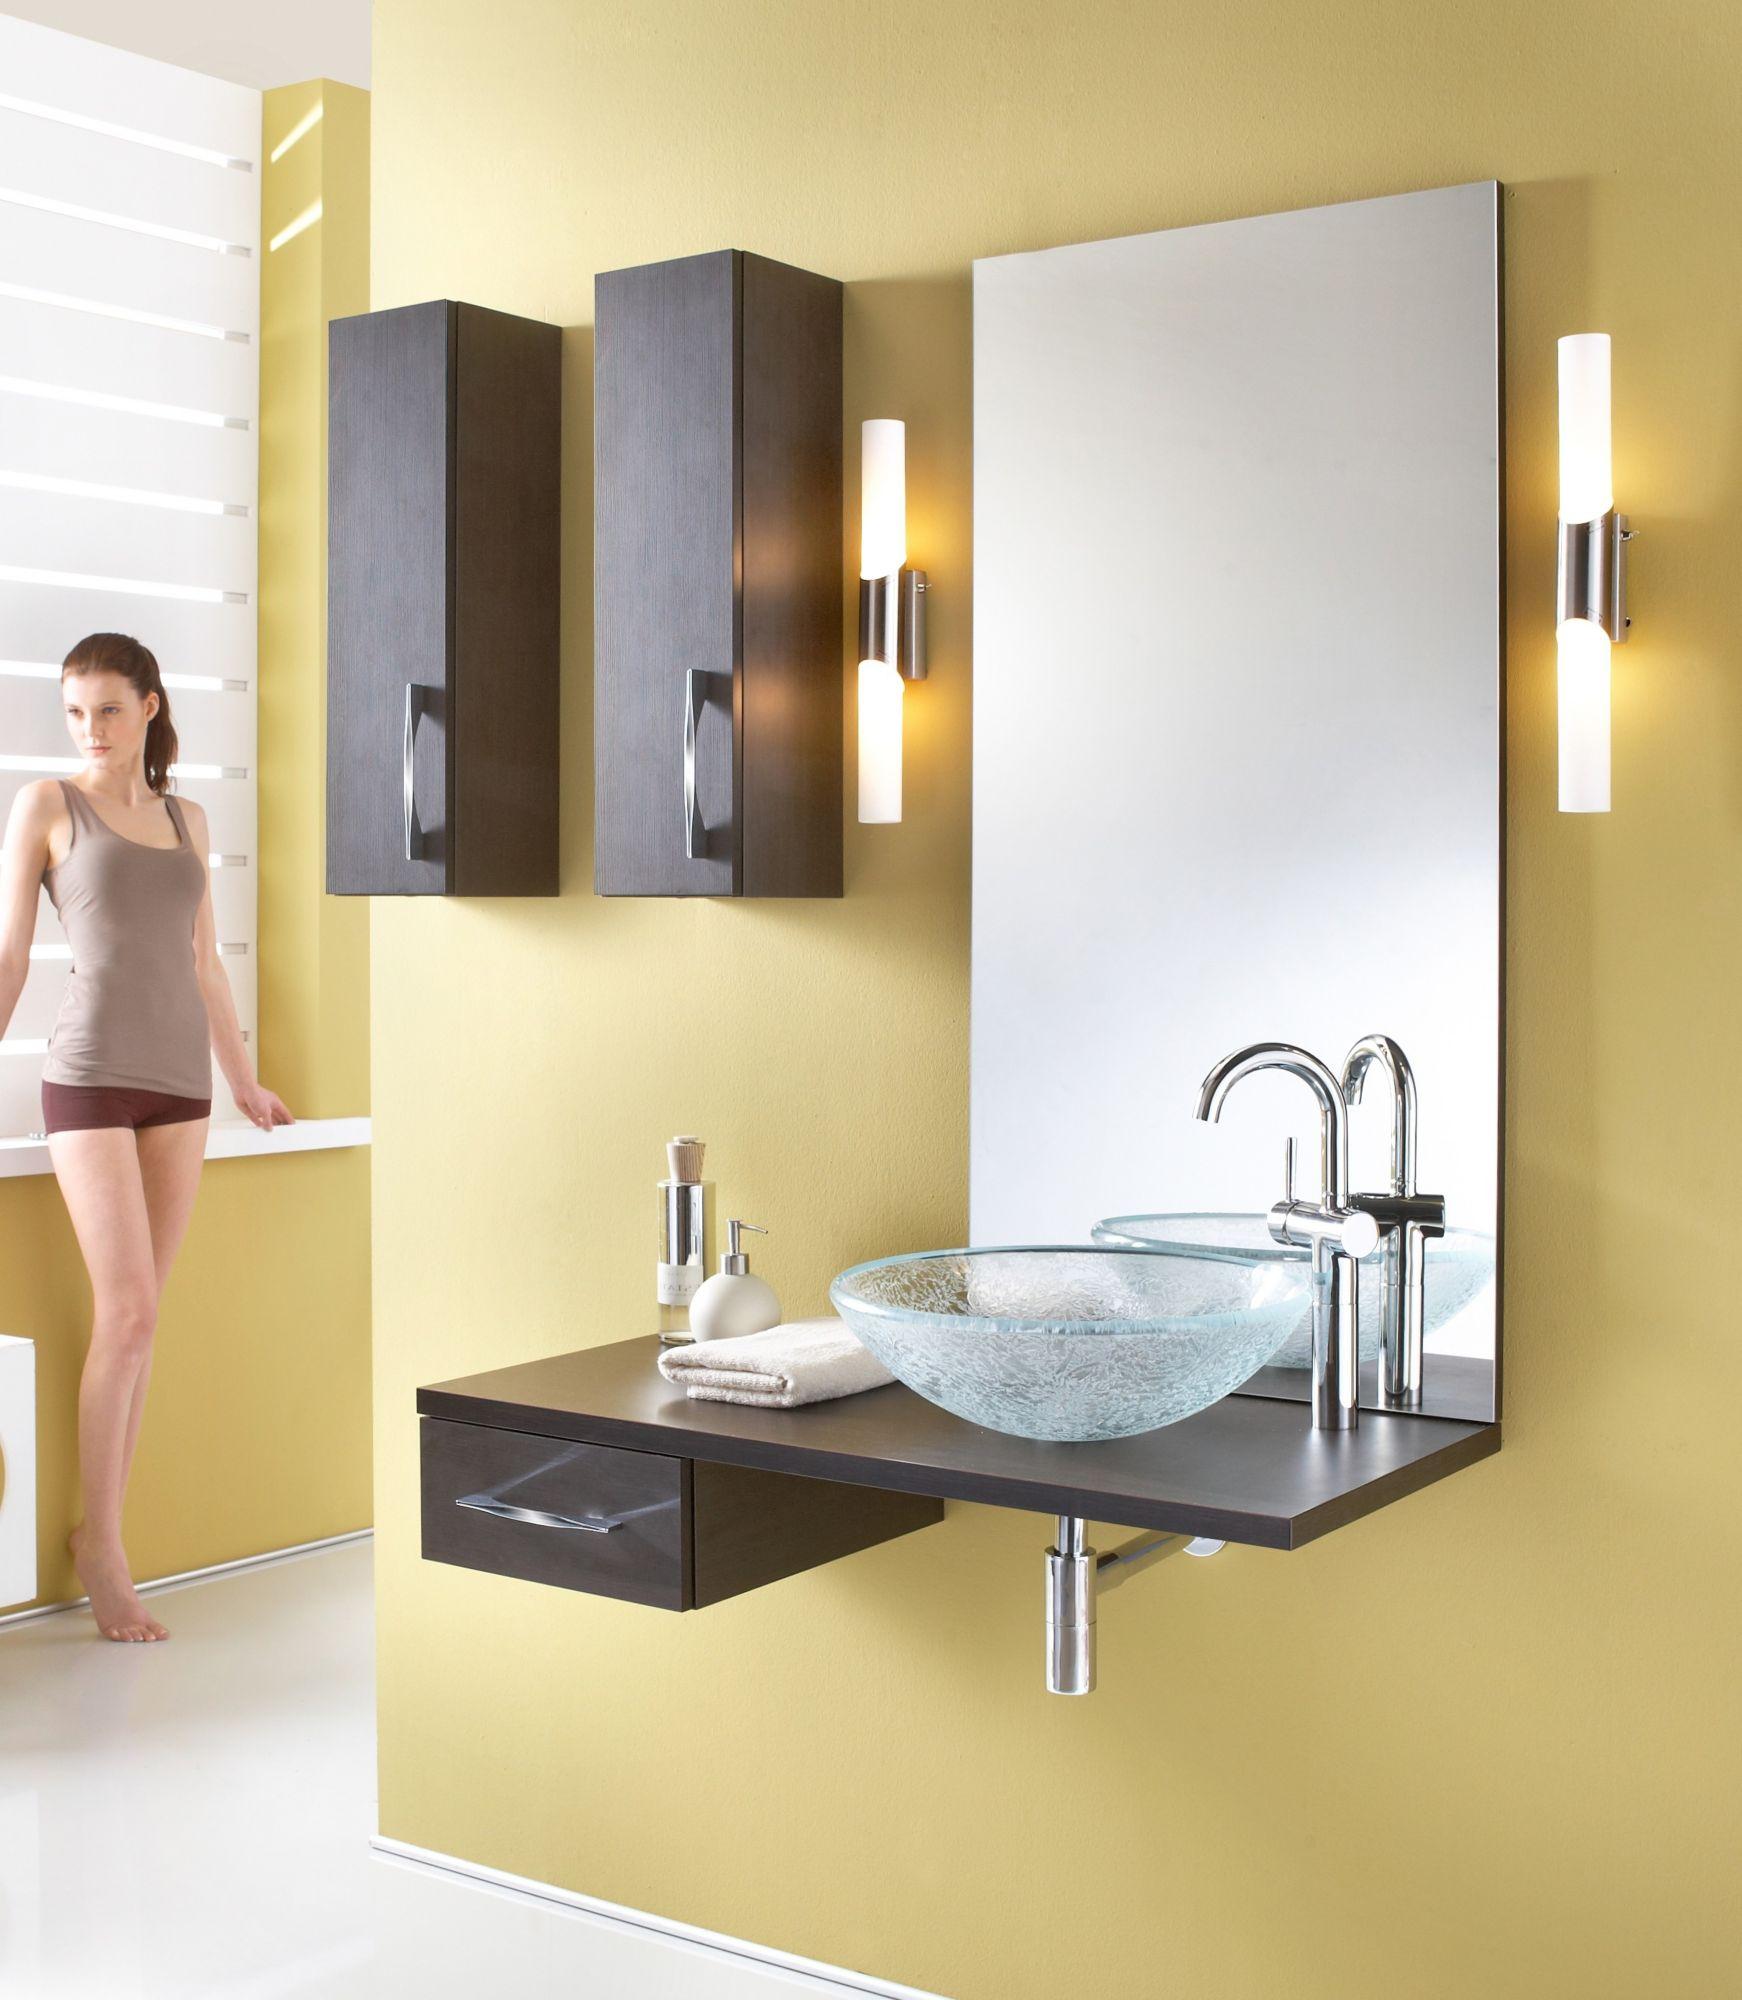 badm bel f r kleine b der hohe qualit t voller komfort pictures to pin on pinterest. Black Bedroom Furniture Sets. Home Design Ideas